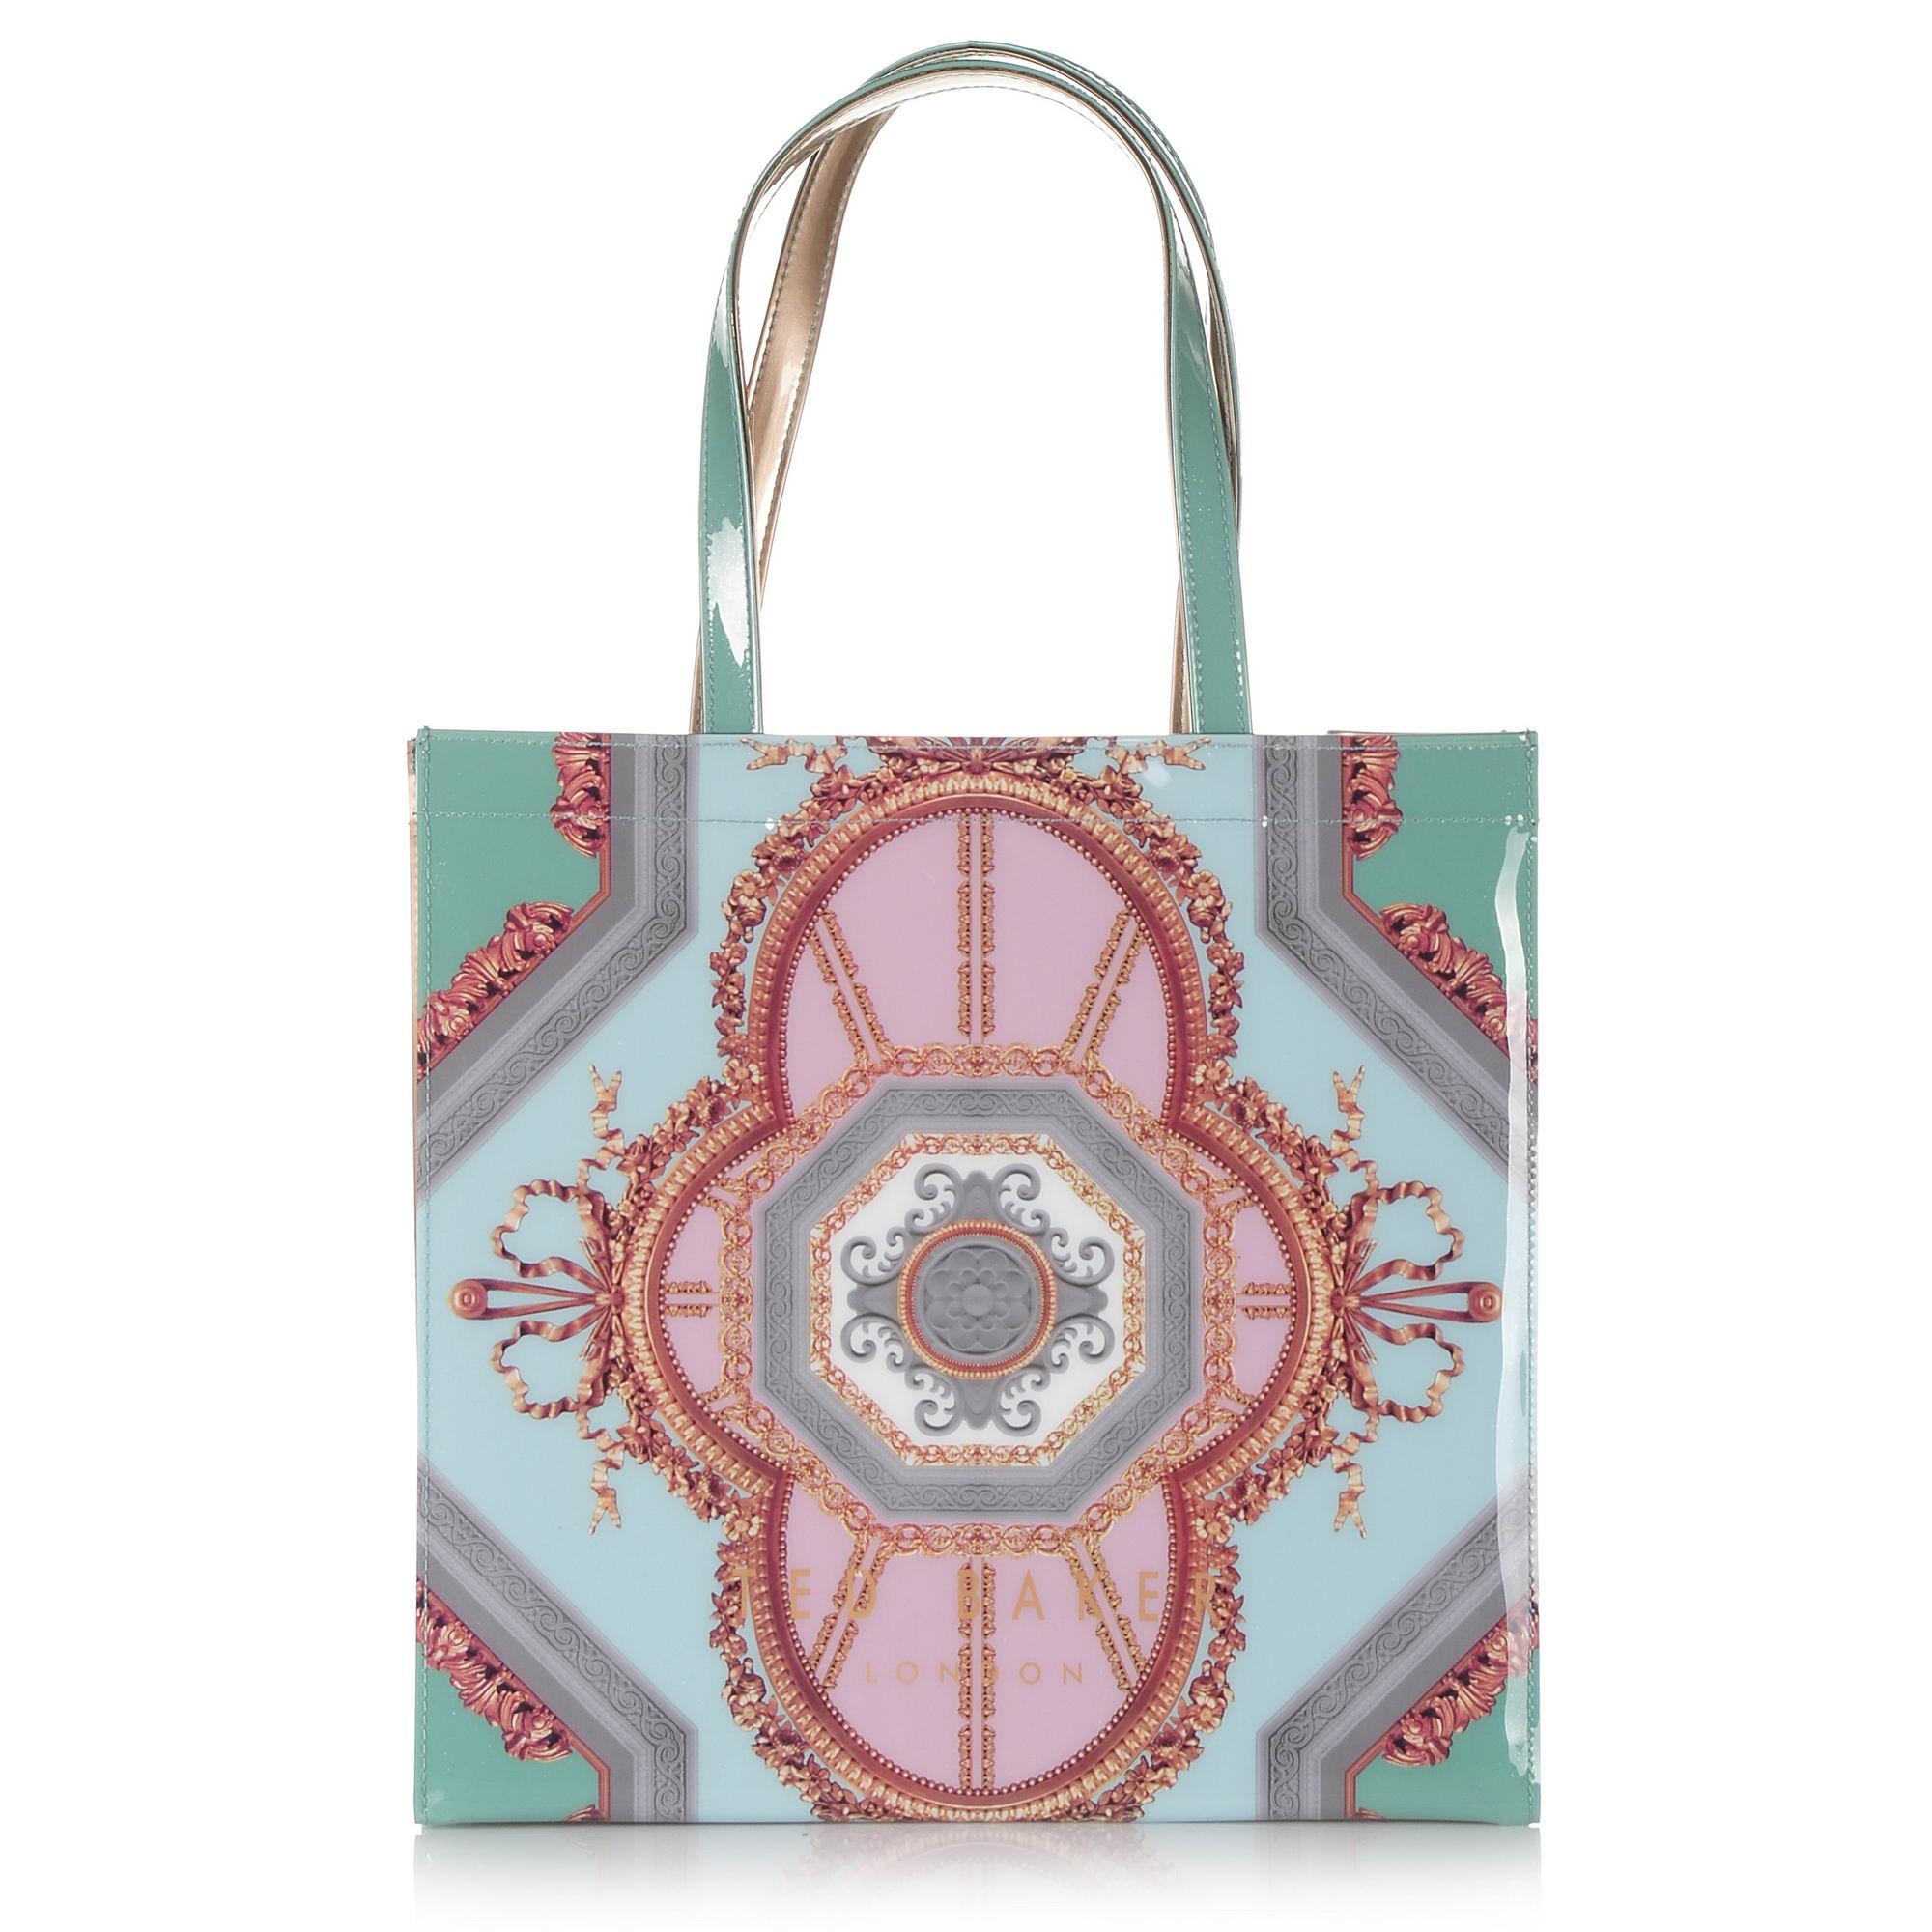 Τσάντα Ώμου Ted Baker Versailles Large Icon Bag 143109 γυναικα   γυναικεία τσάντα